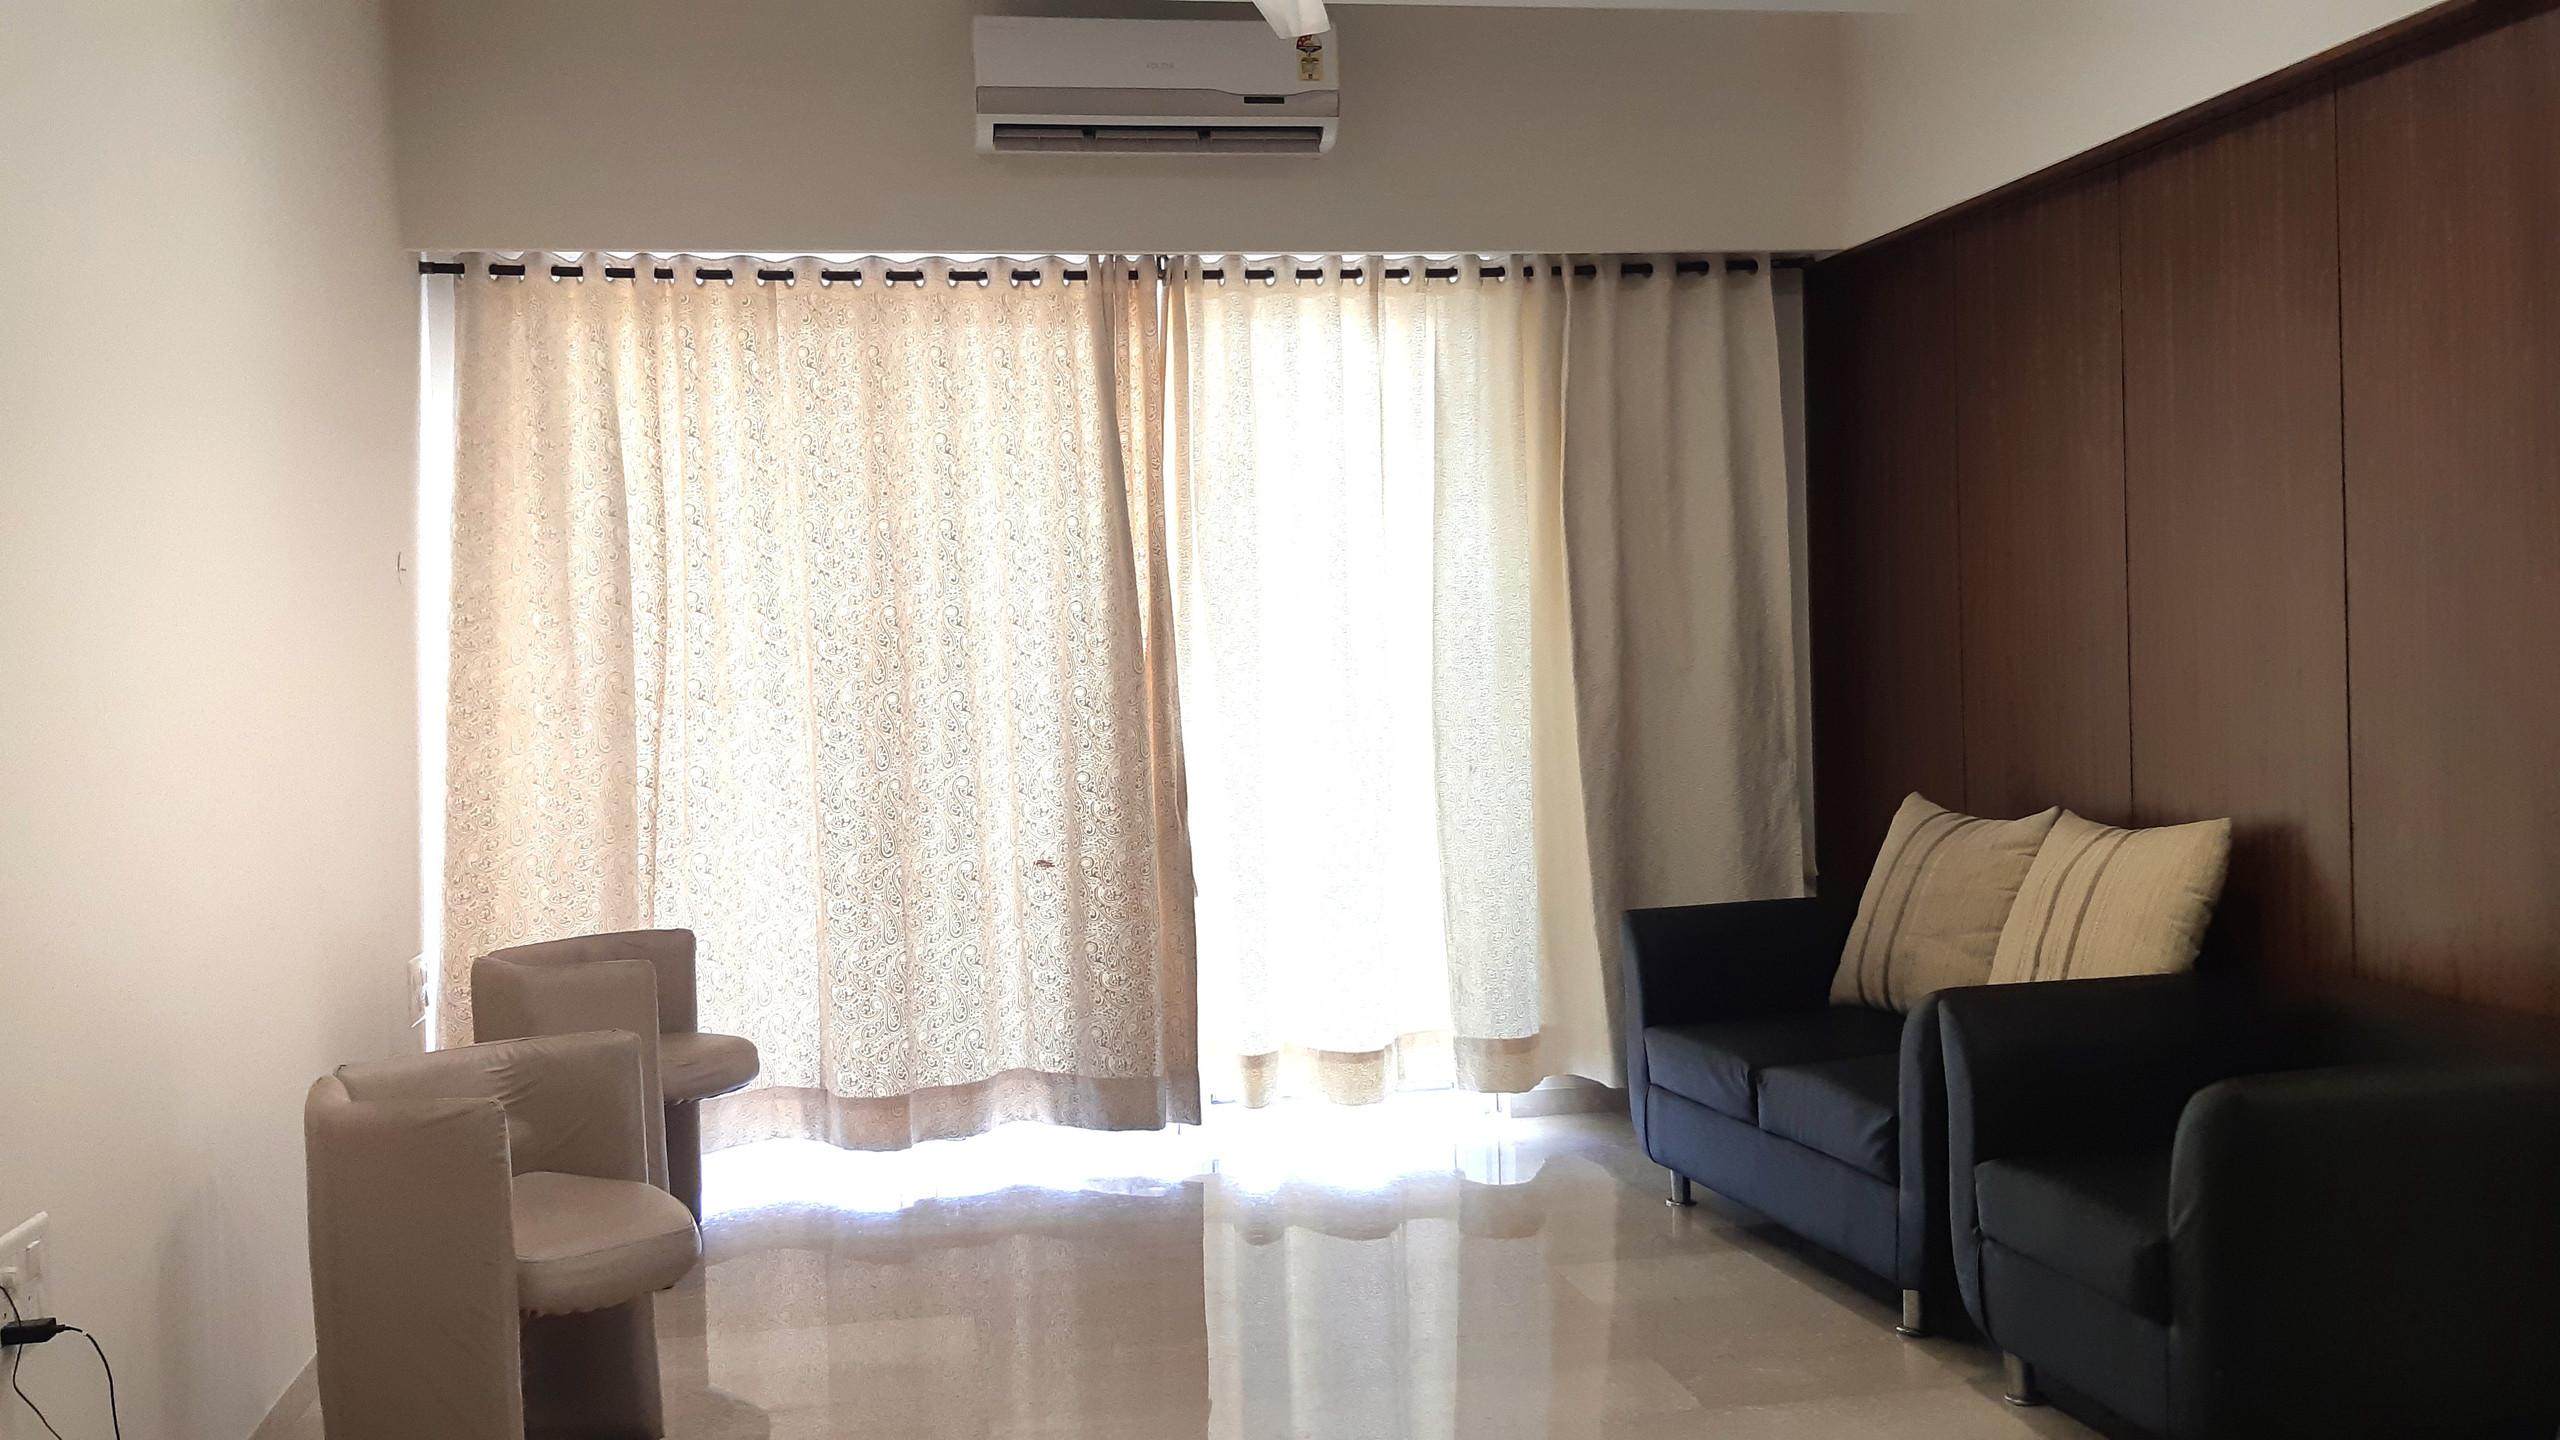 Arista PArel Living Room